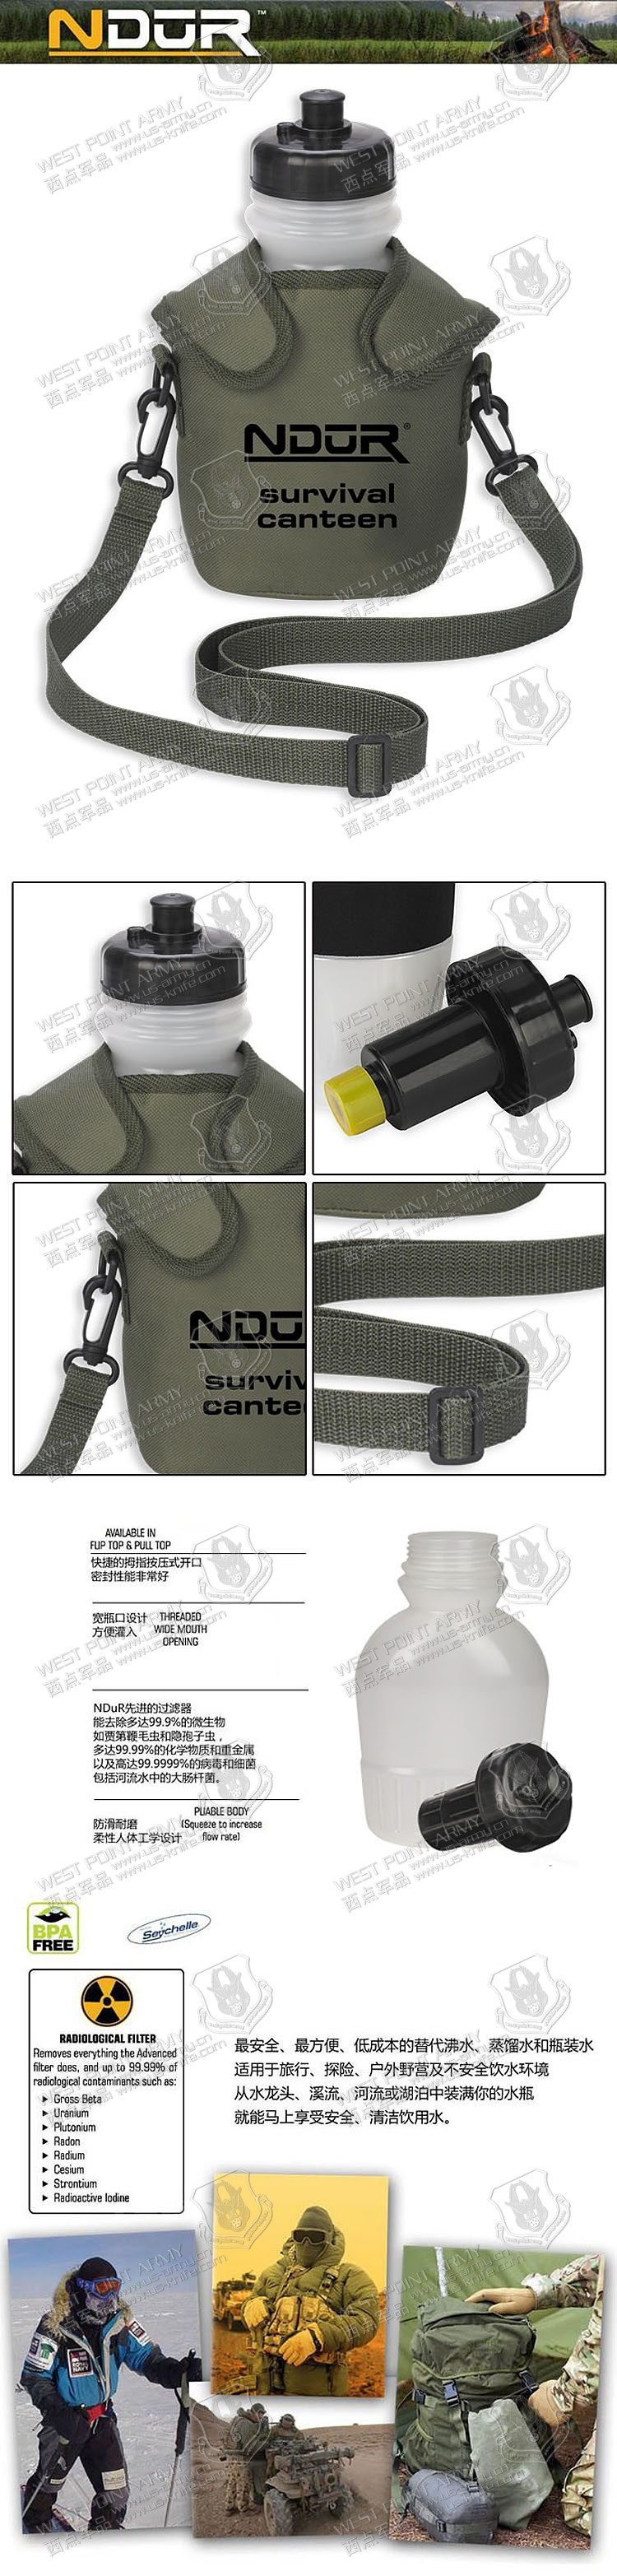 NDUR52060